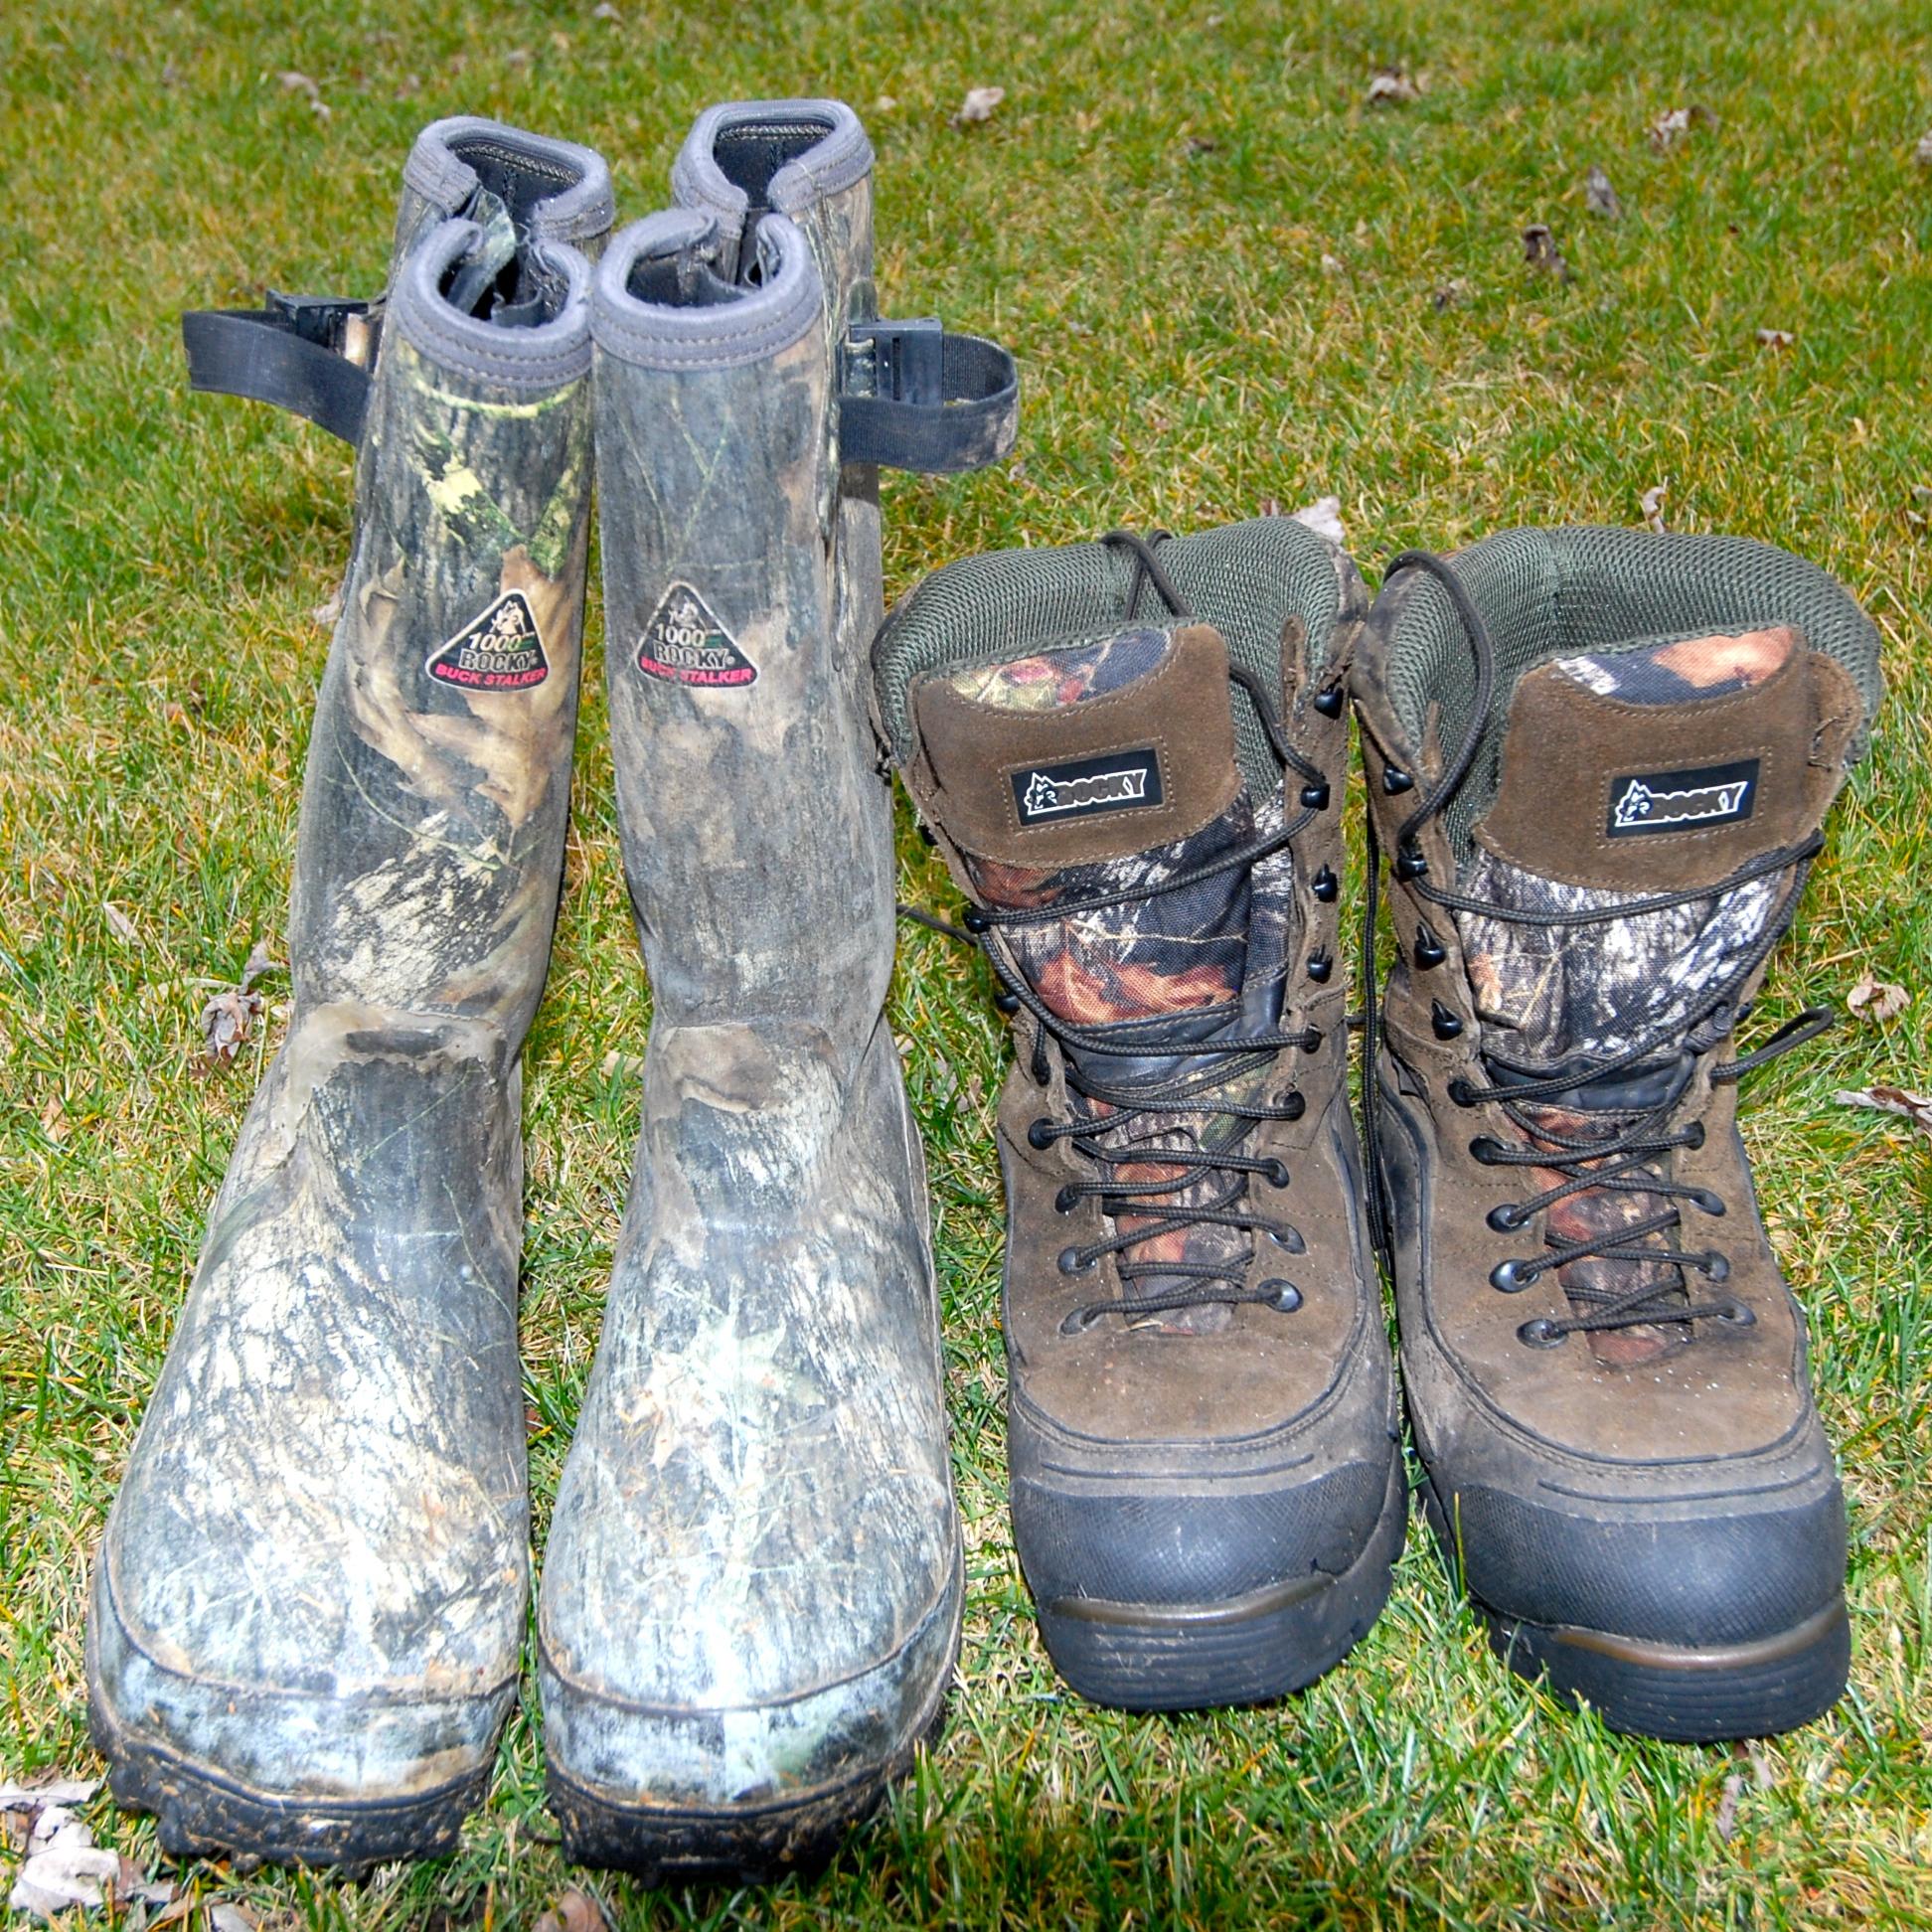 Rocky Boots n Gear